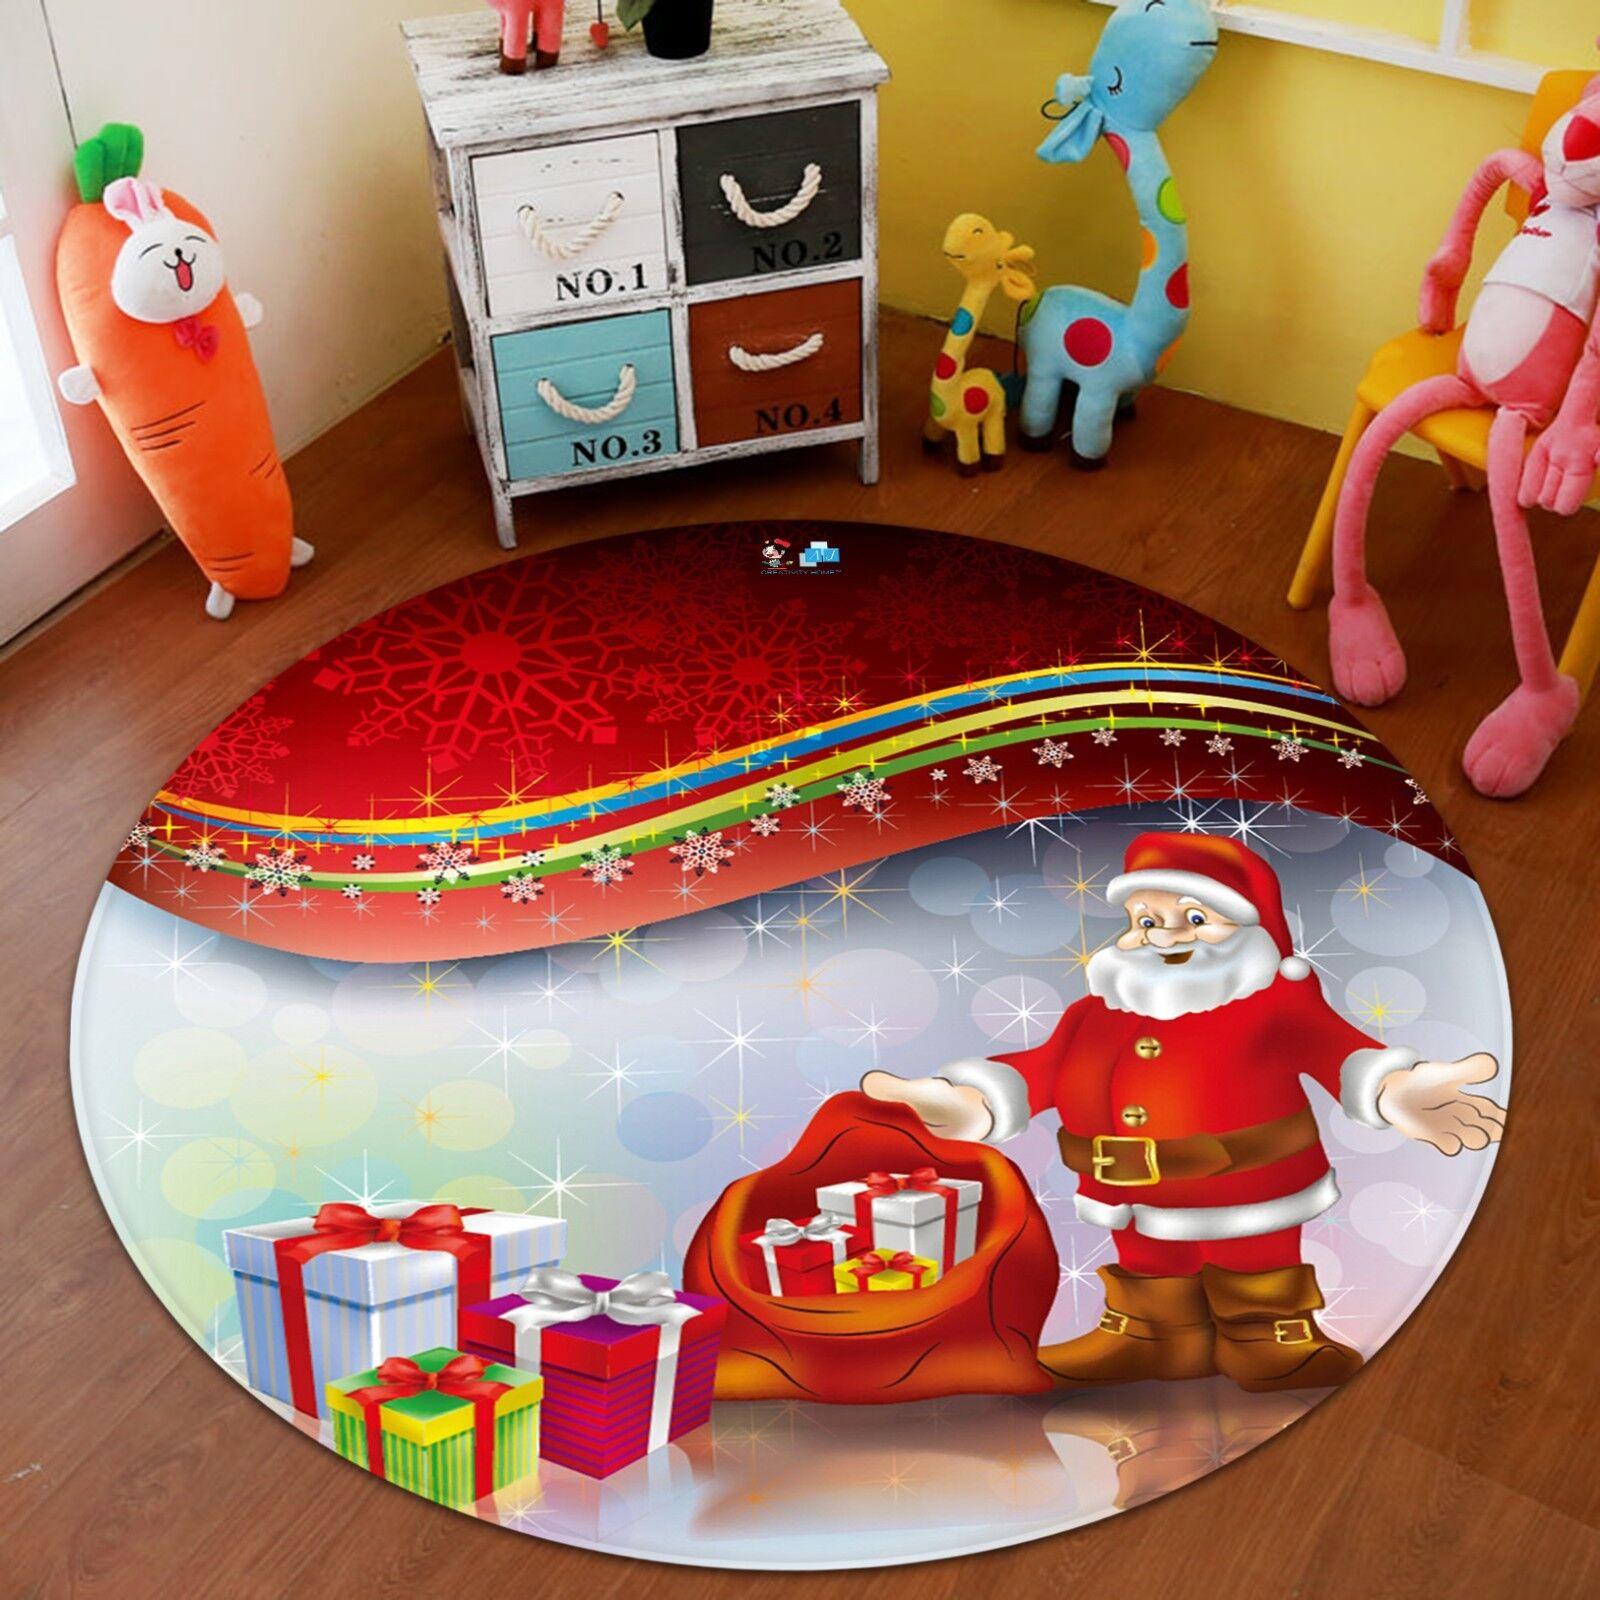 Tapis de tapis antidérapant 3D Christmas Xmas 513 Tapis de chambre rond élégant Photo Tapis AU